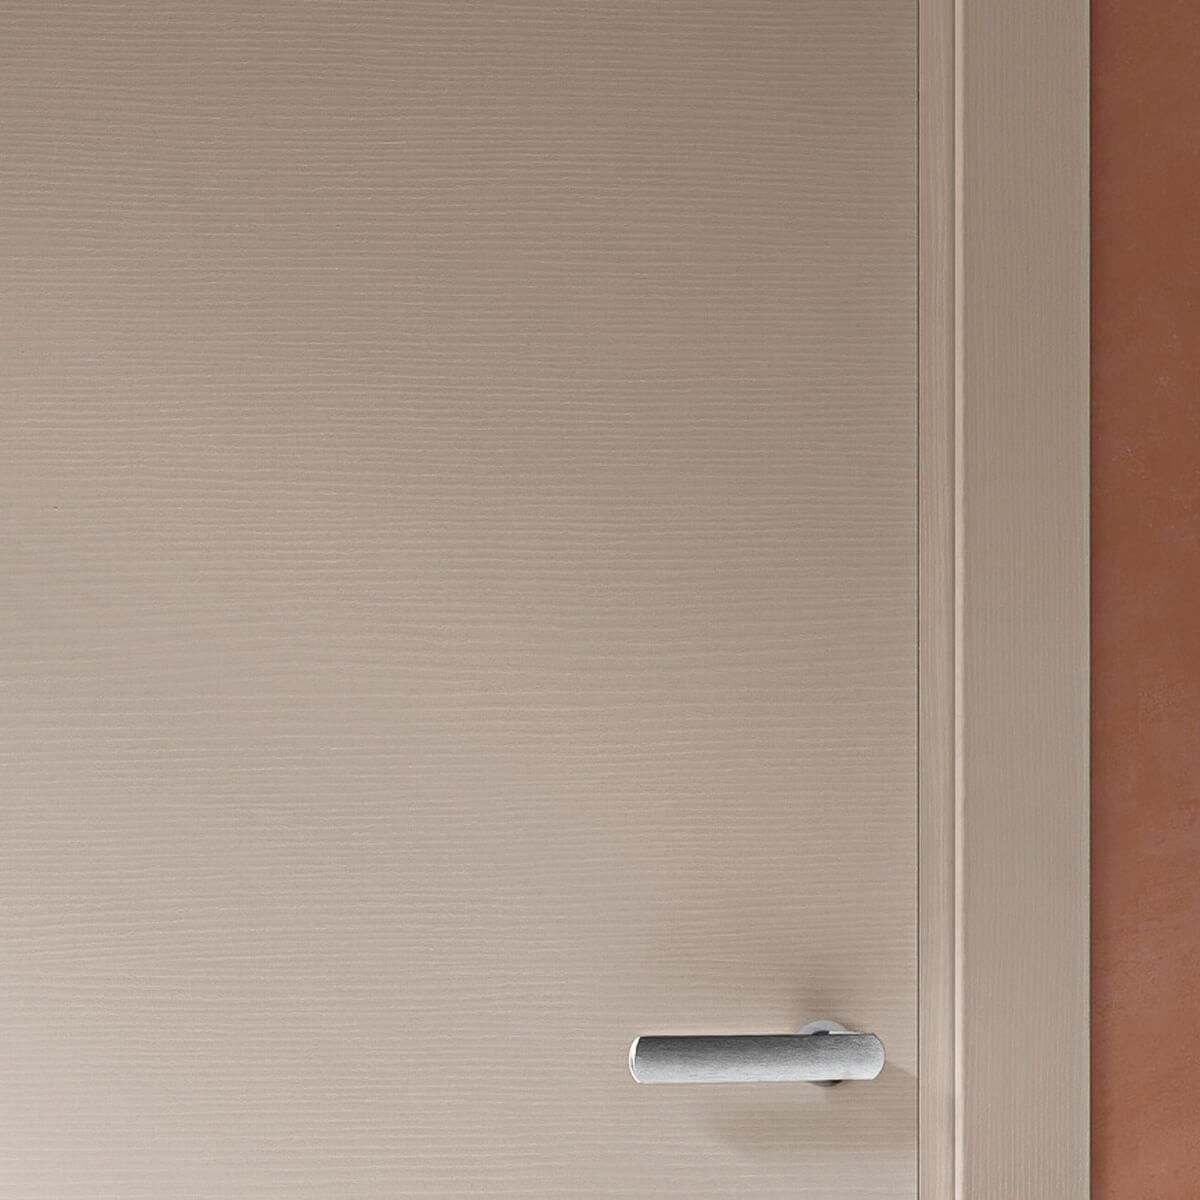 Iride - dettaglio porta legno laccato calce